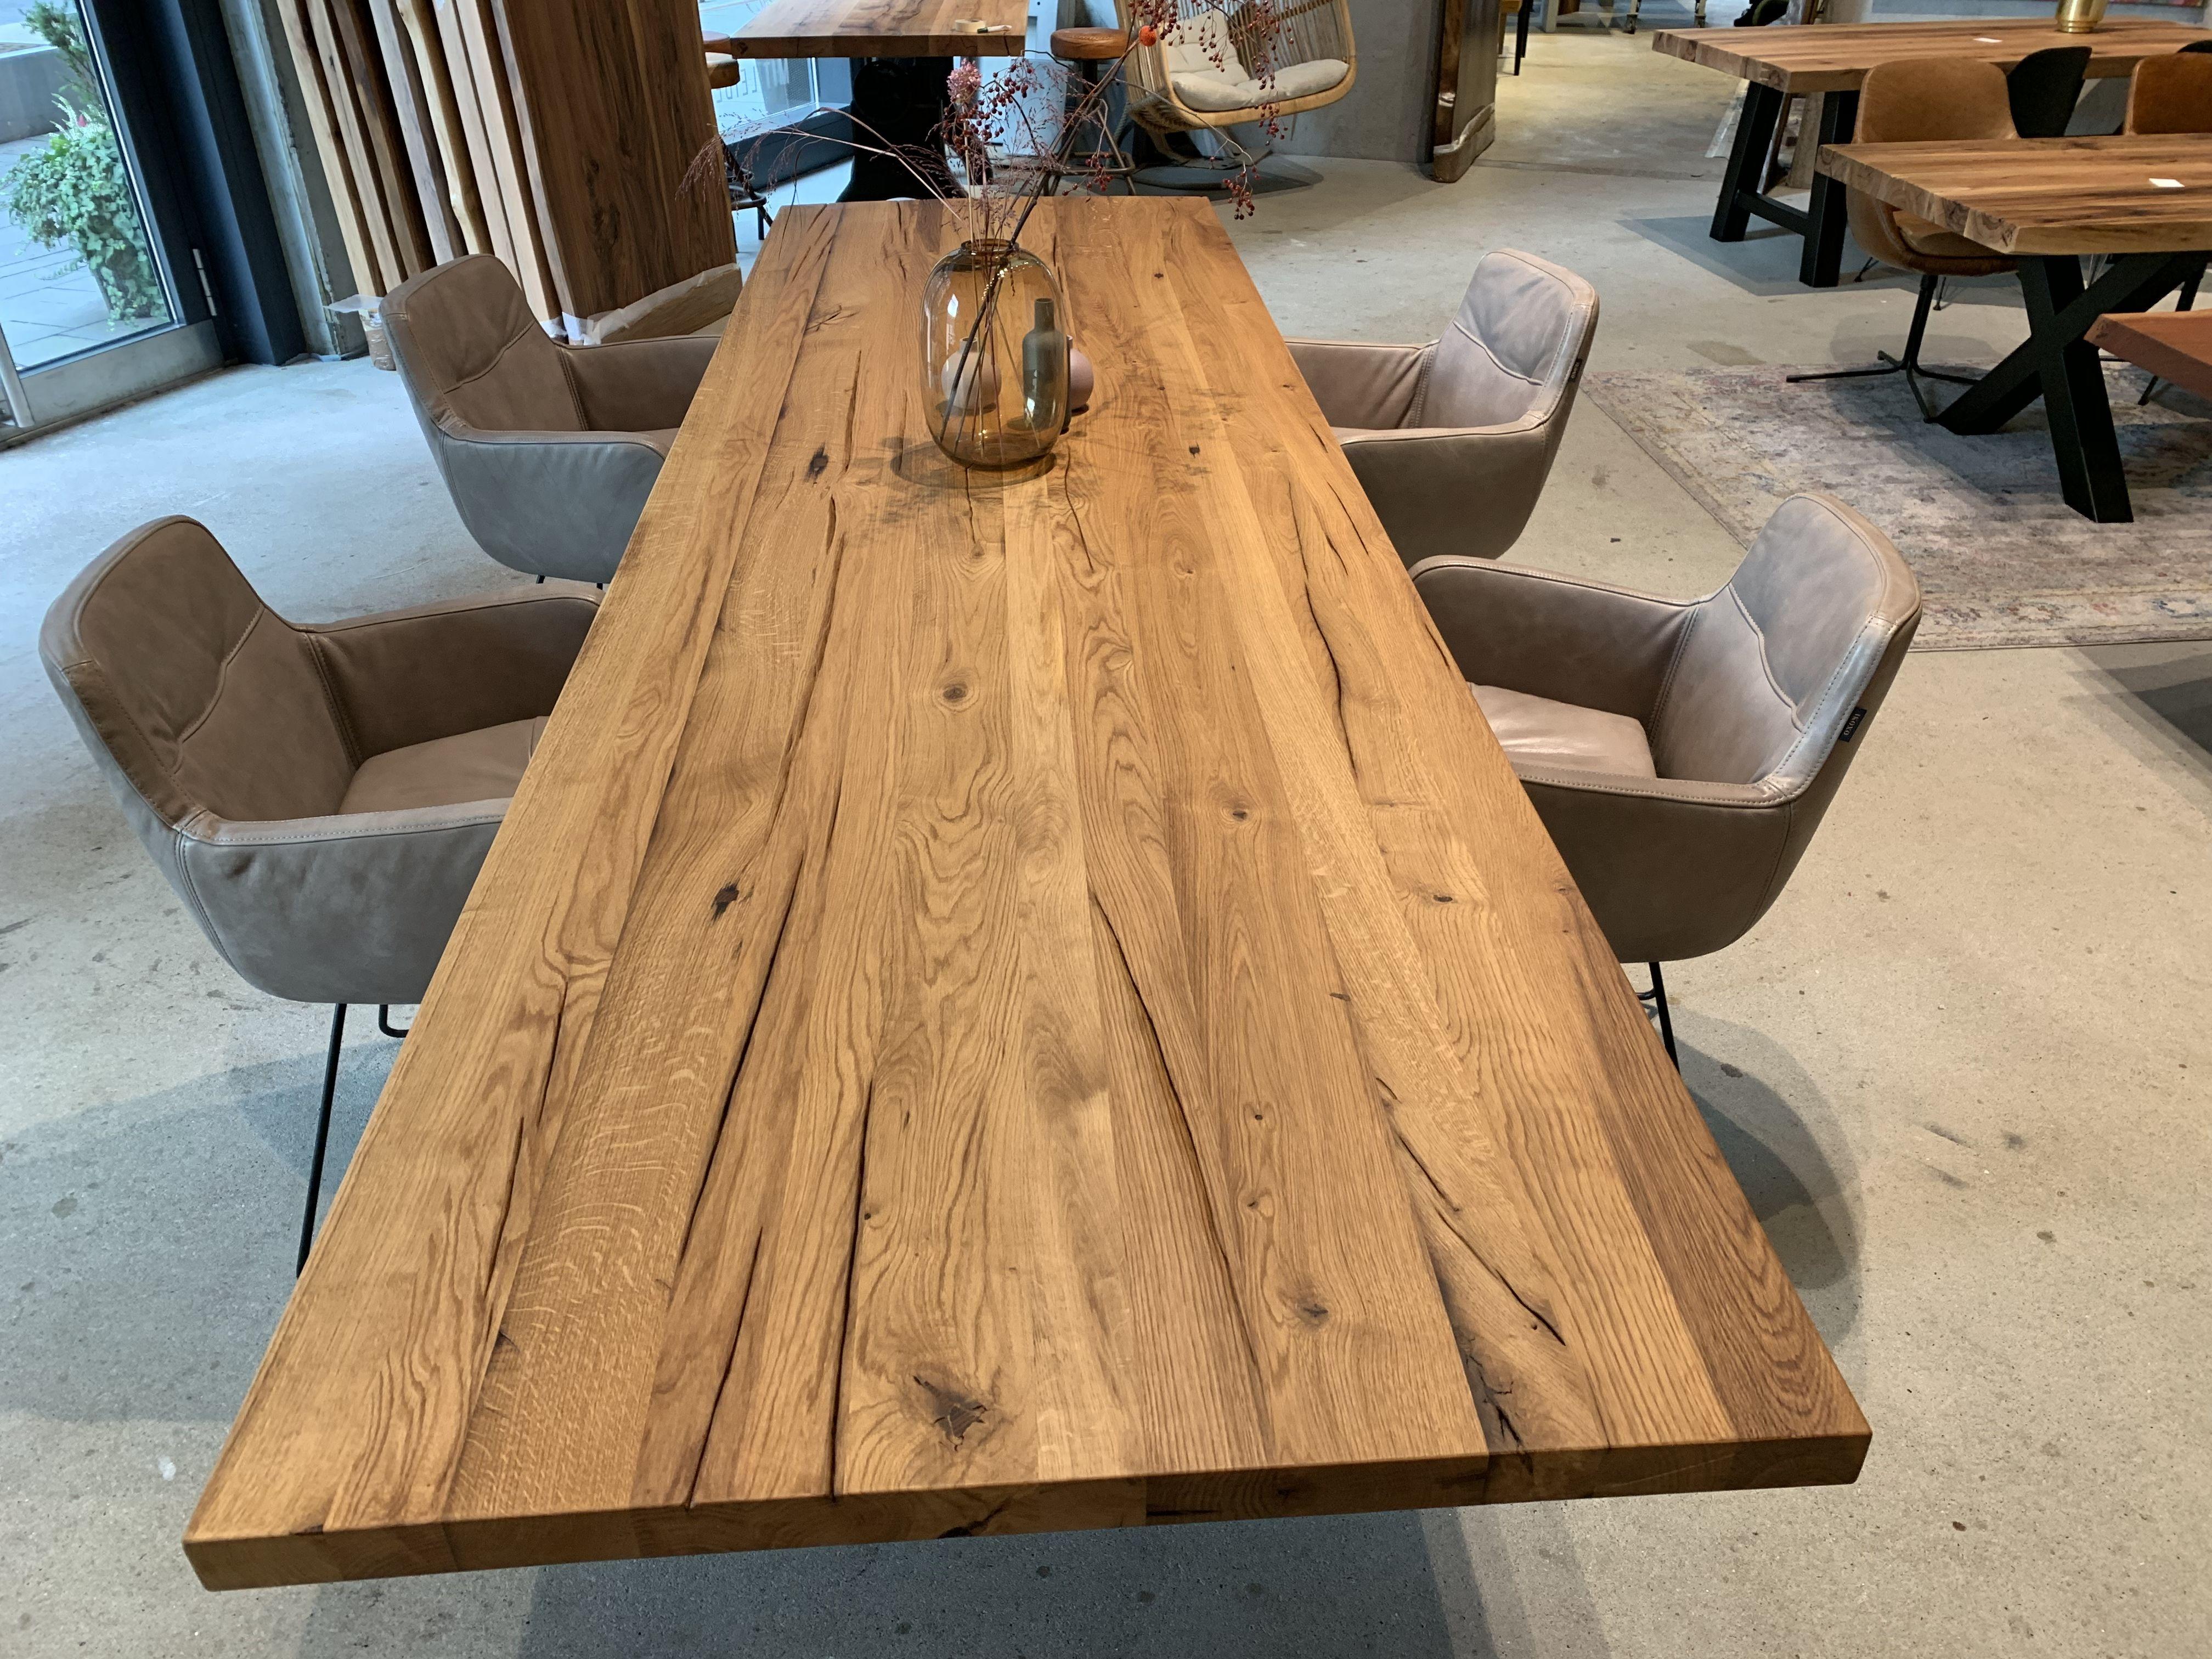 Esstisch aus Eichenholz in Wunschgröße für jedes Esszimmer